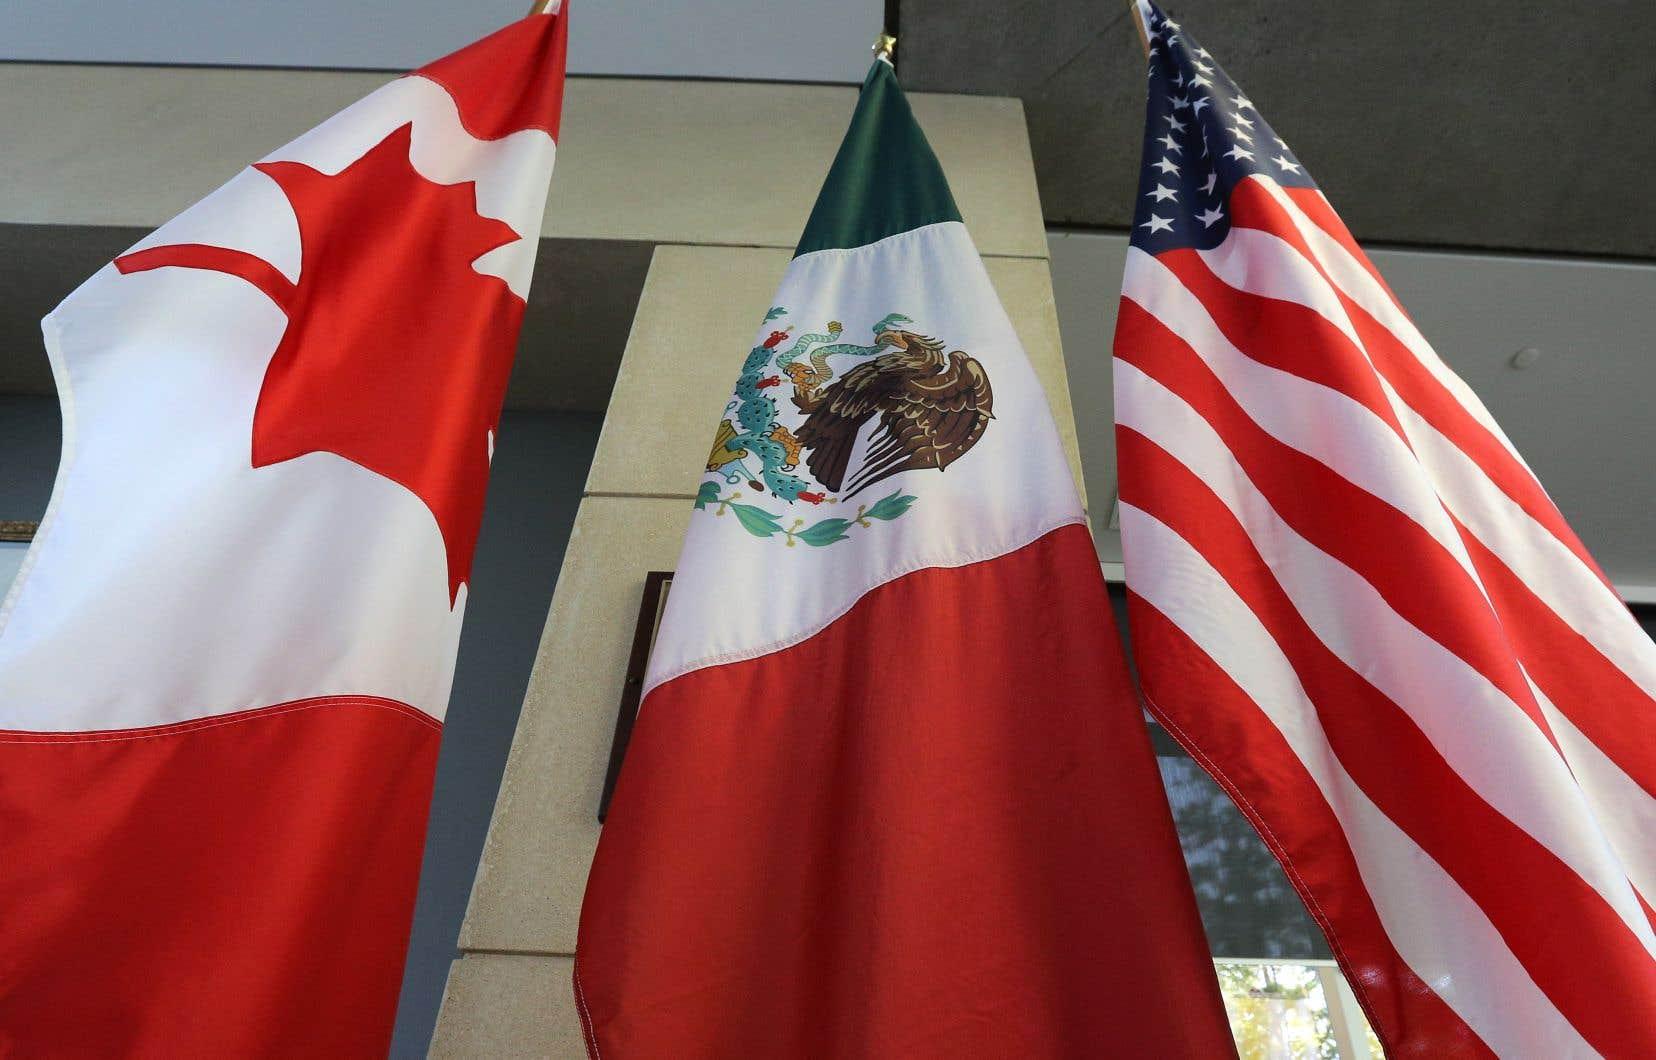 Le document américain suggère plutôt d'utiliser l'ALENA pour renforcer l'économie mexicaine, ce qui stimulerait ensuite les importations de biens américains.<br />